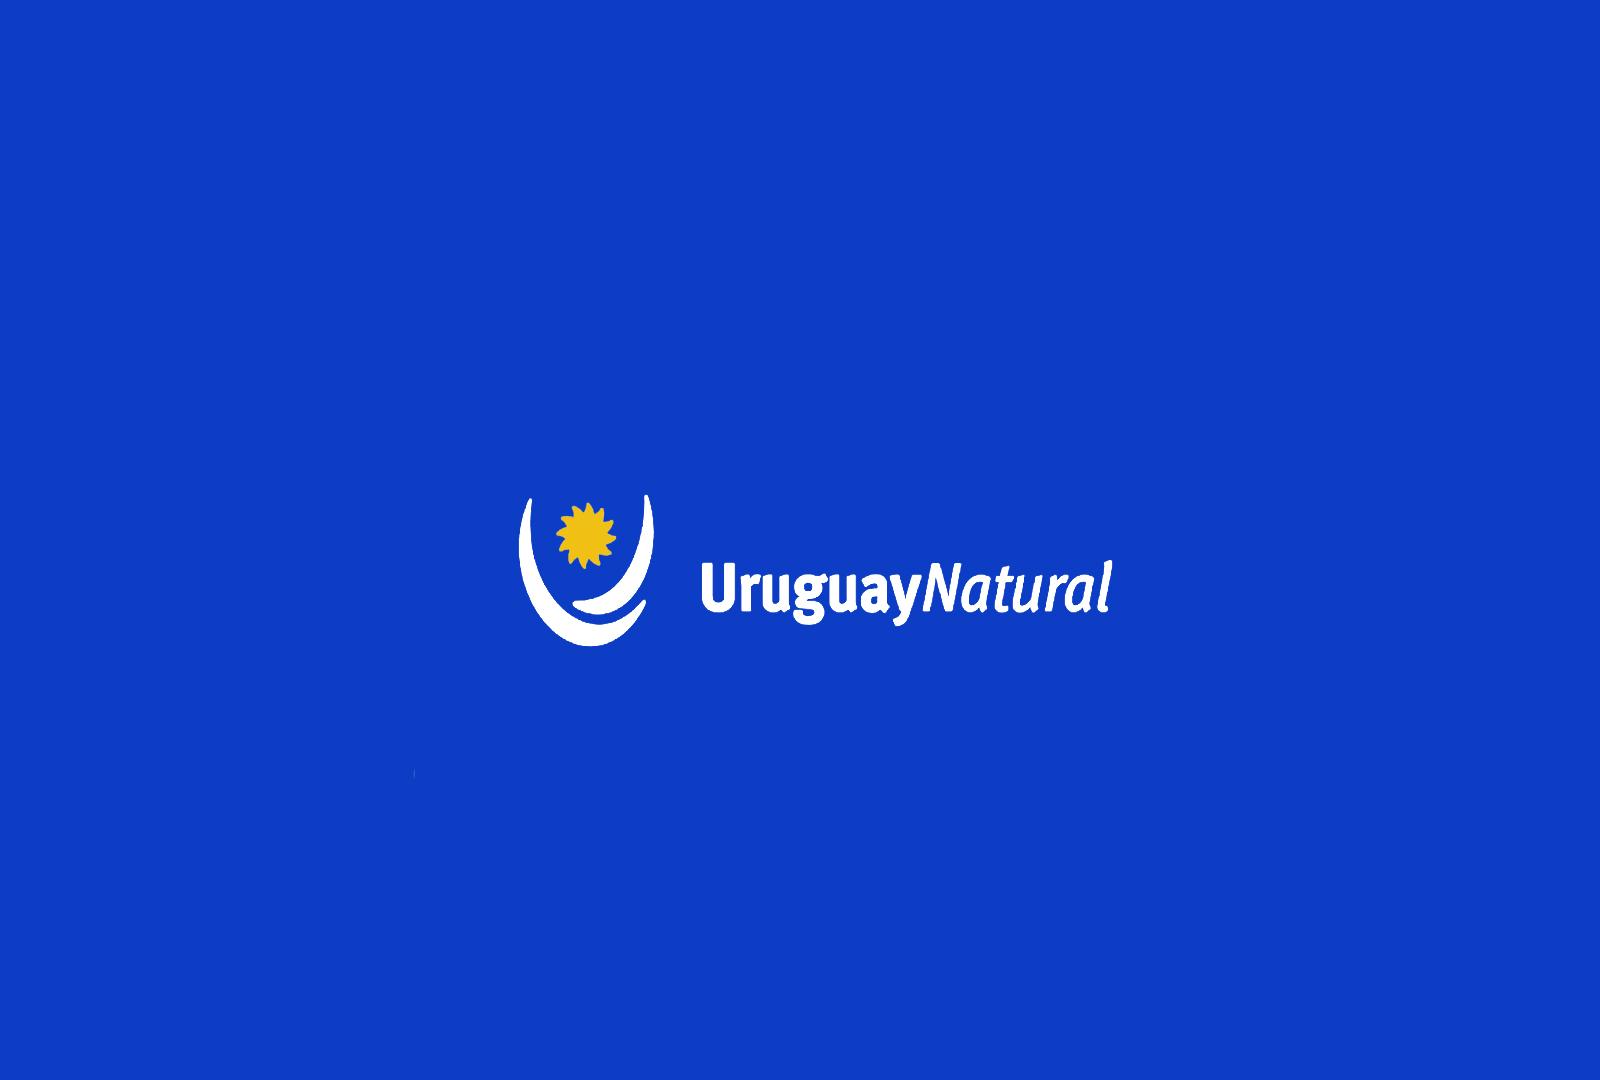 Uruguay promociona sus vinos tannat.